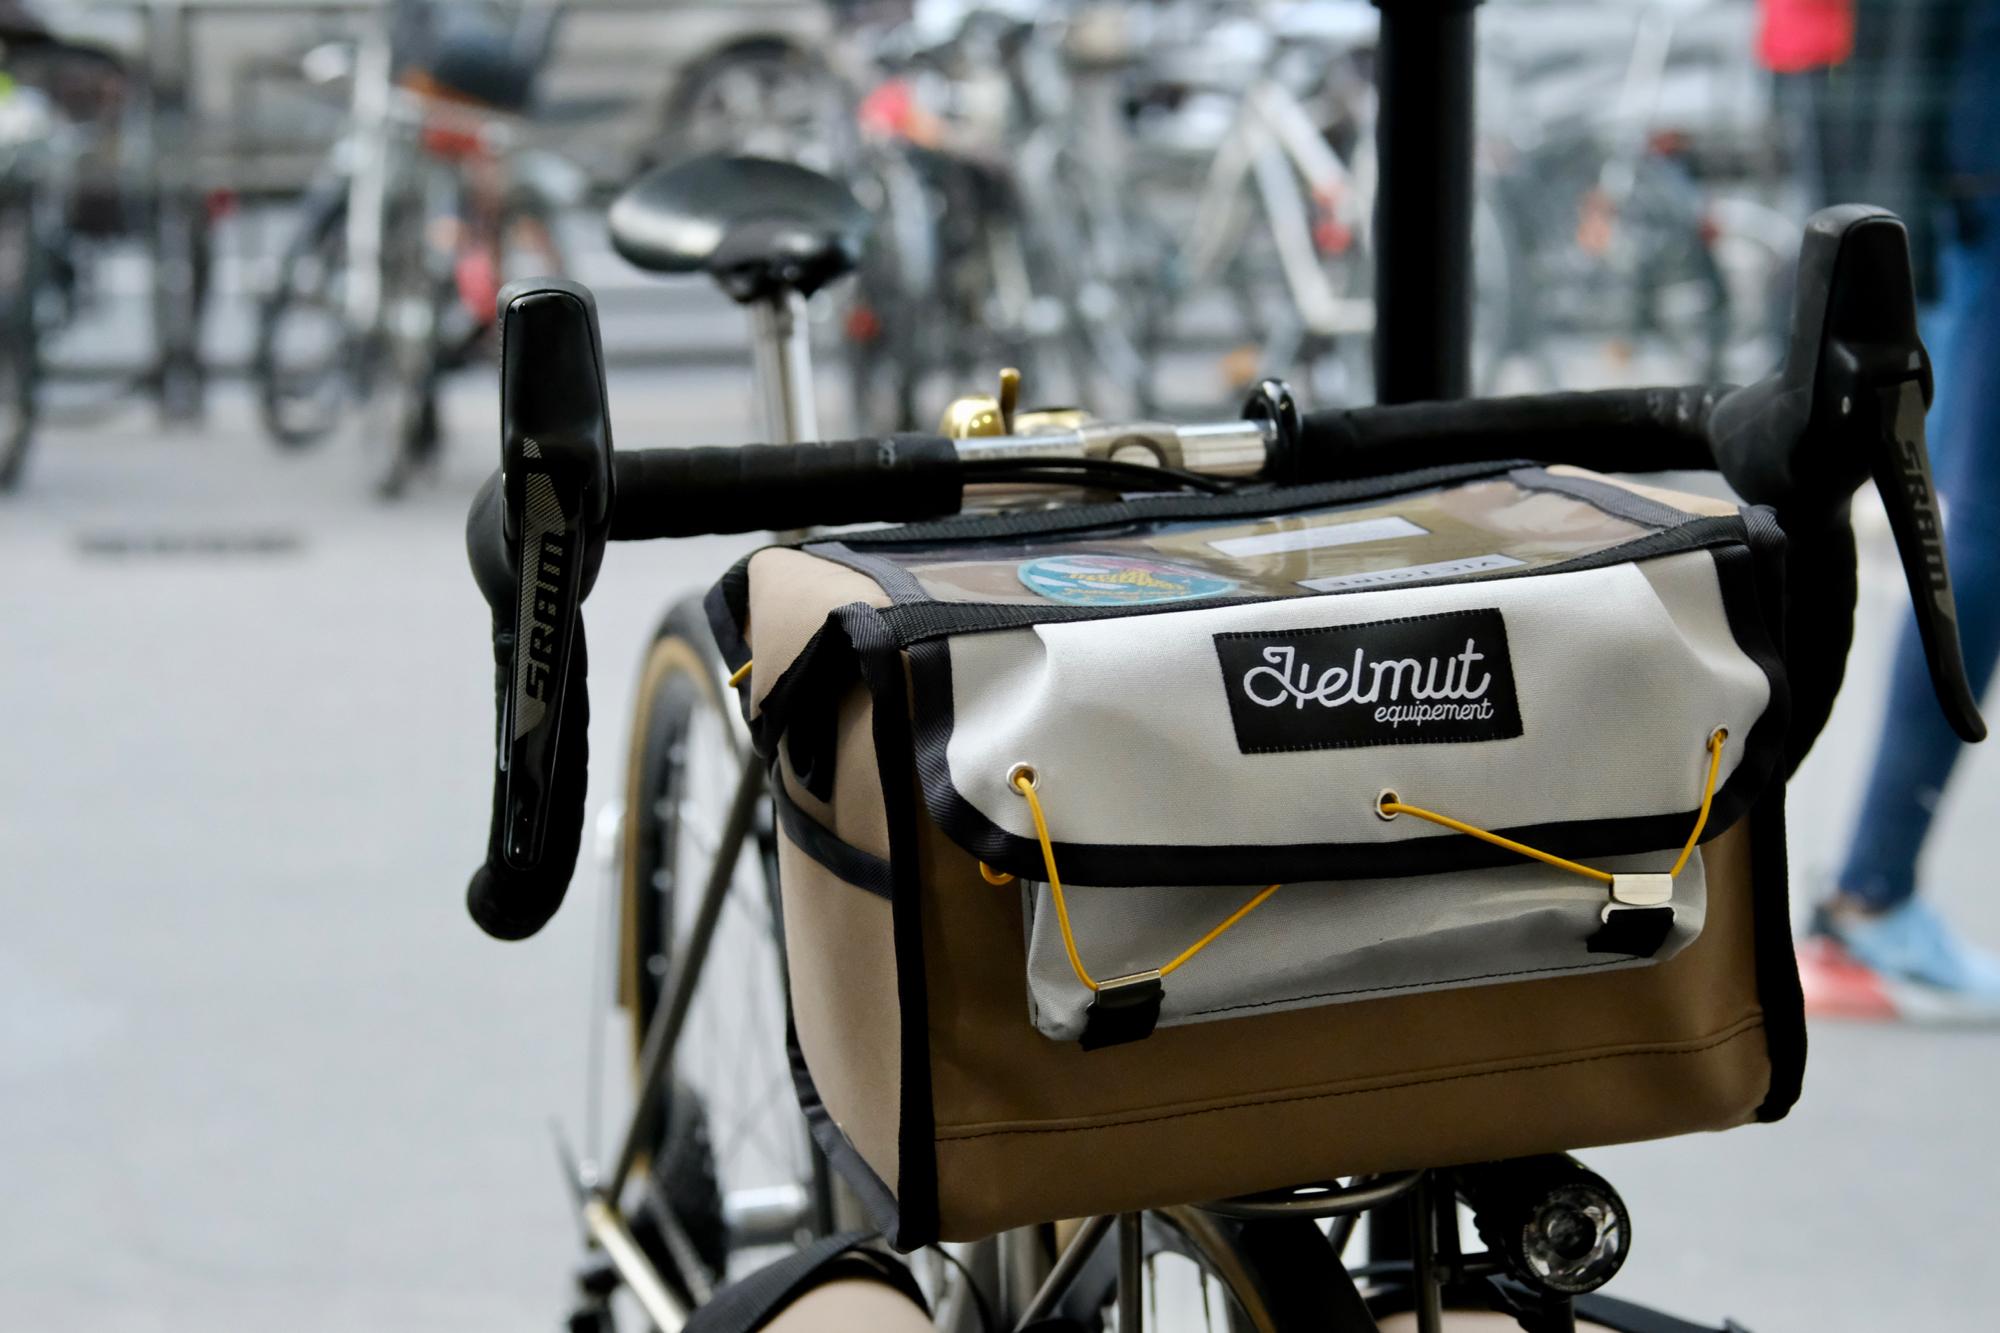 voyage à vélo - 1 (1).jpg